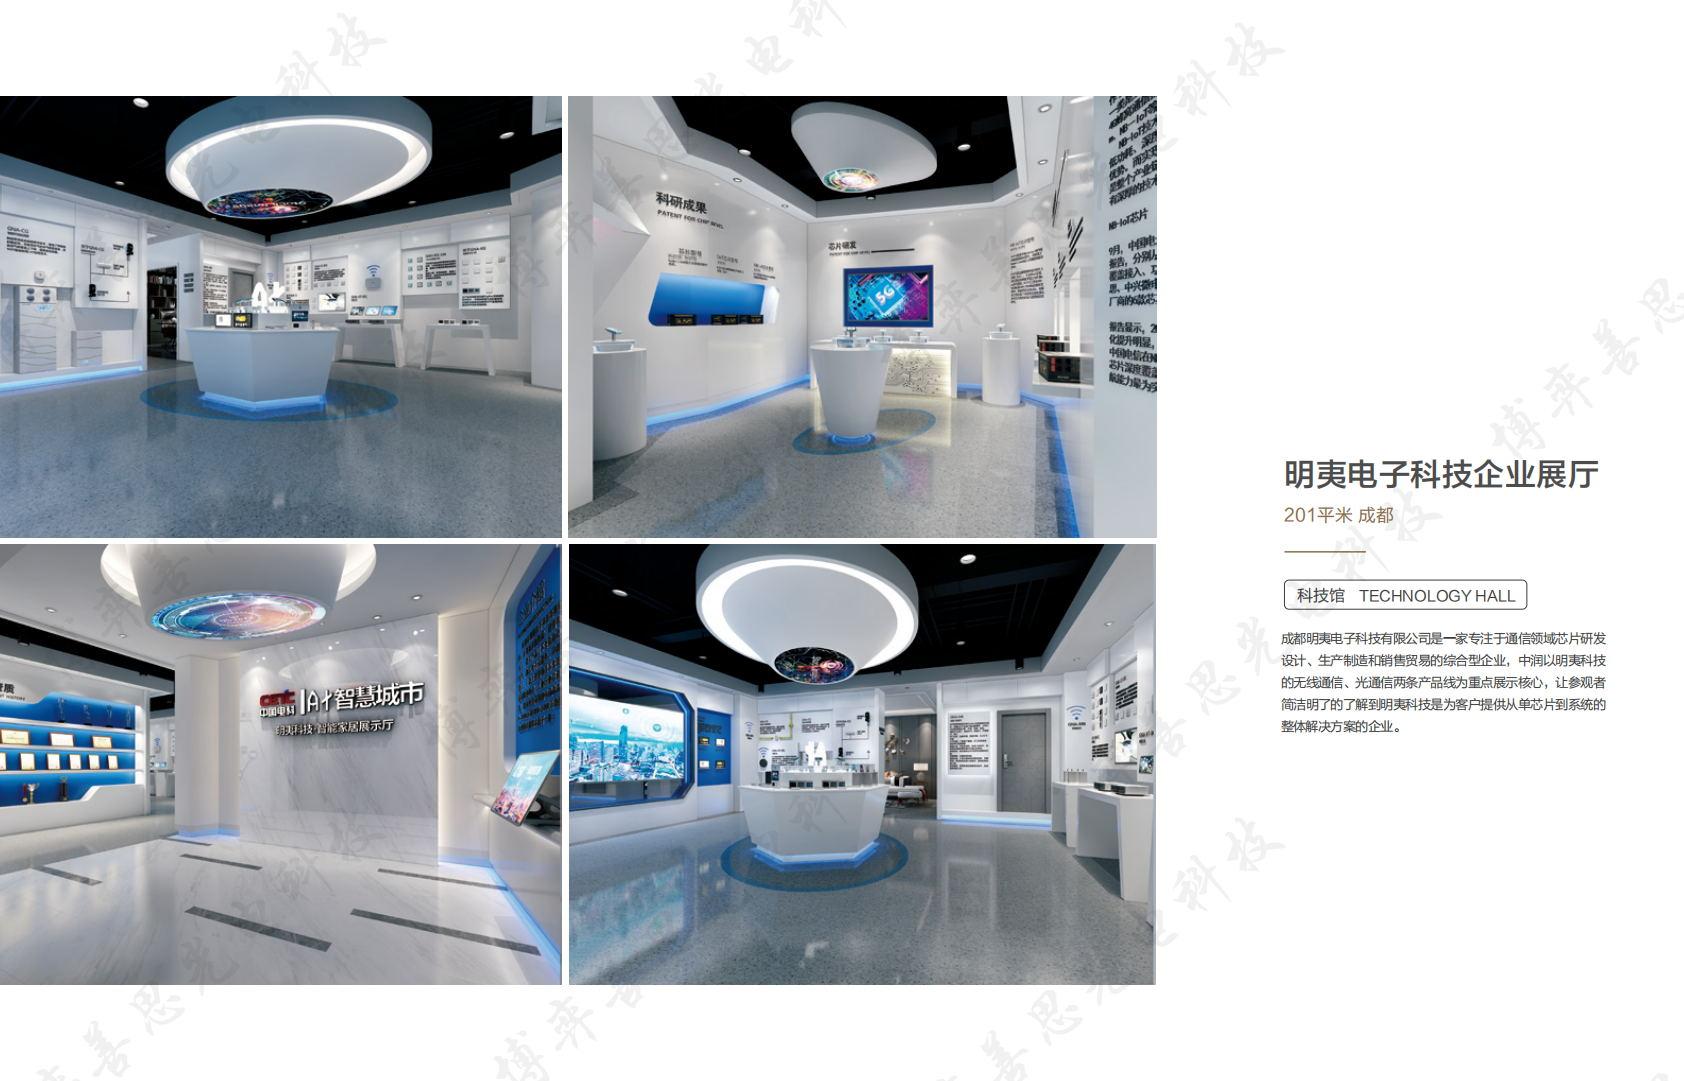 明夷电子科技企业展厅